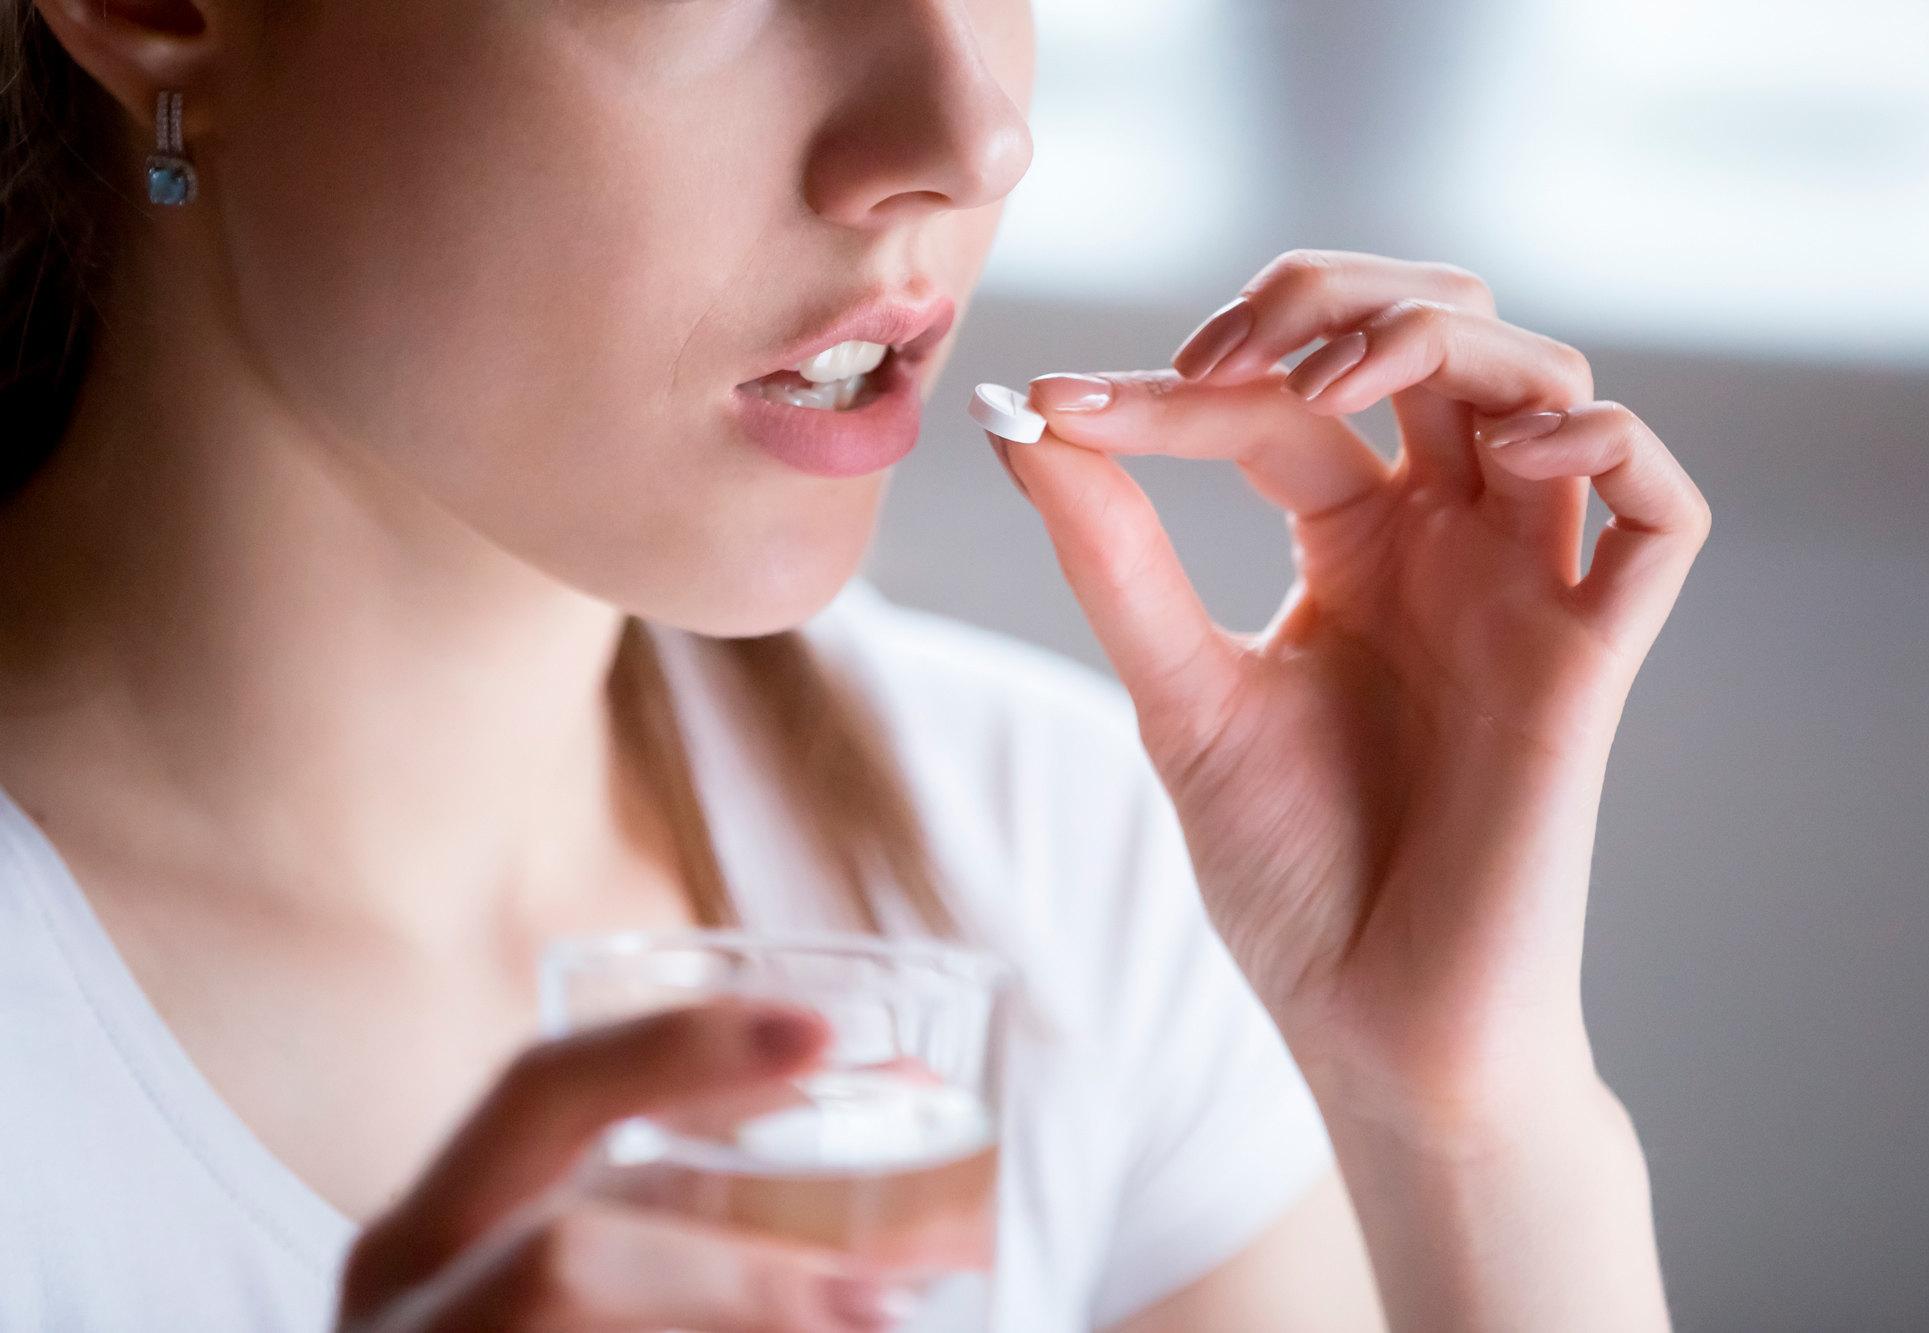 10 признаков того, что контрацептивы вам не подходят